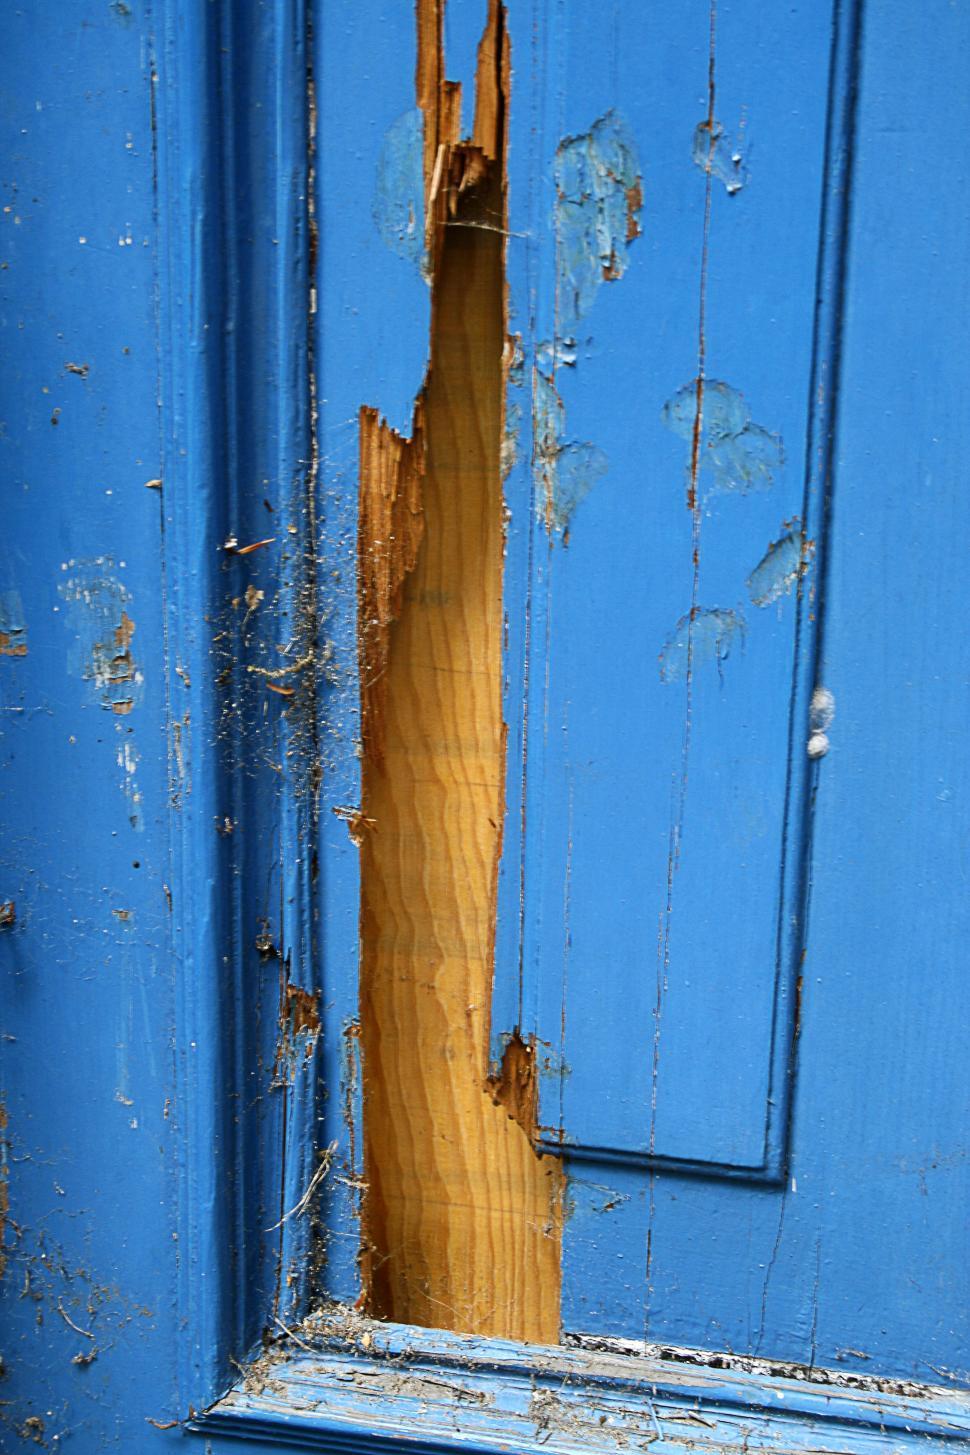 Download Free Stock HD Photo of blue door Online